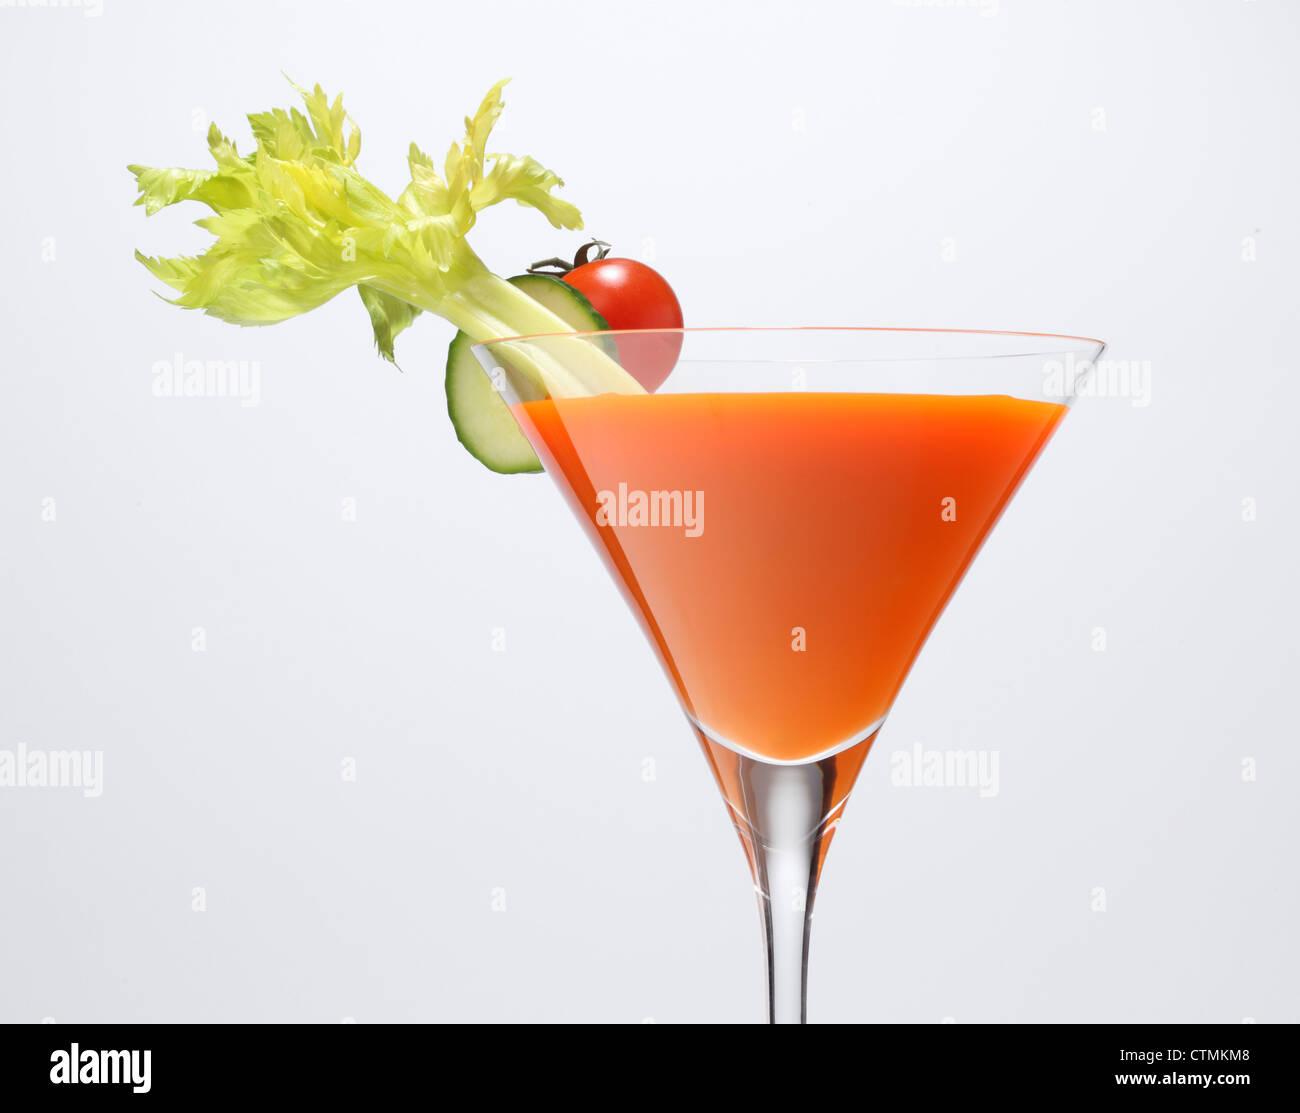 Un arancia succhi di verdura in un calice con verdura guarnire. La costa di sedano, Cucumber Slice e pomodoro ciliegino. Foto Stock